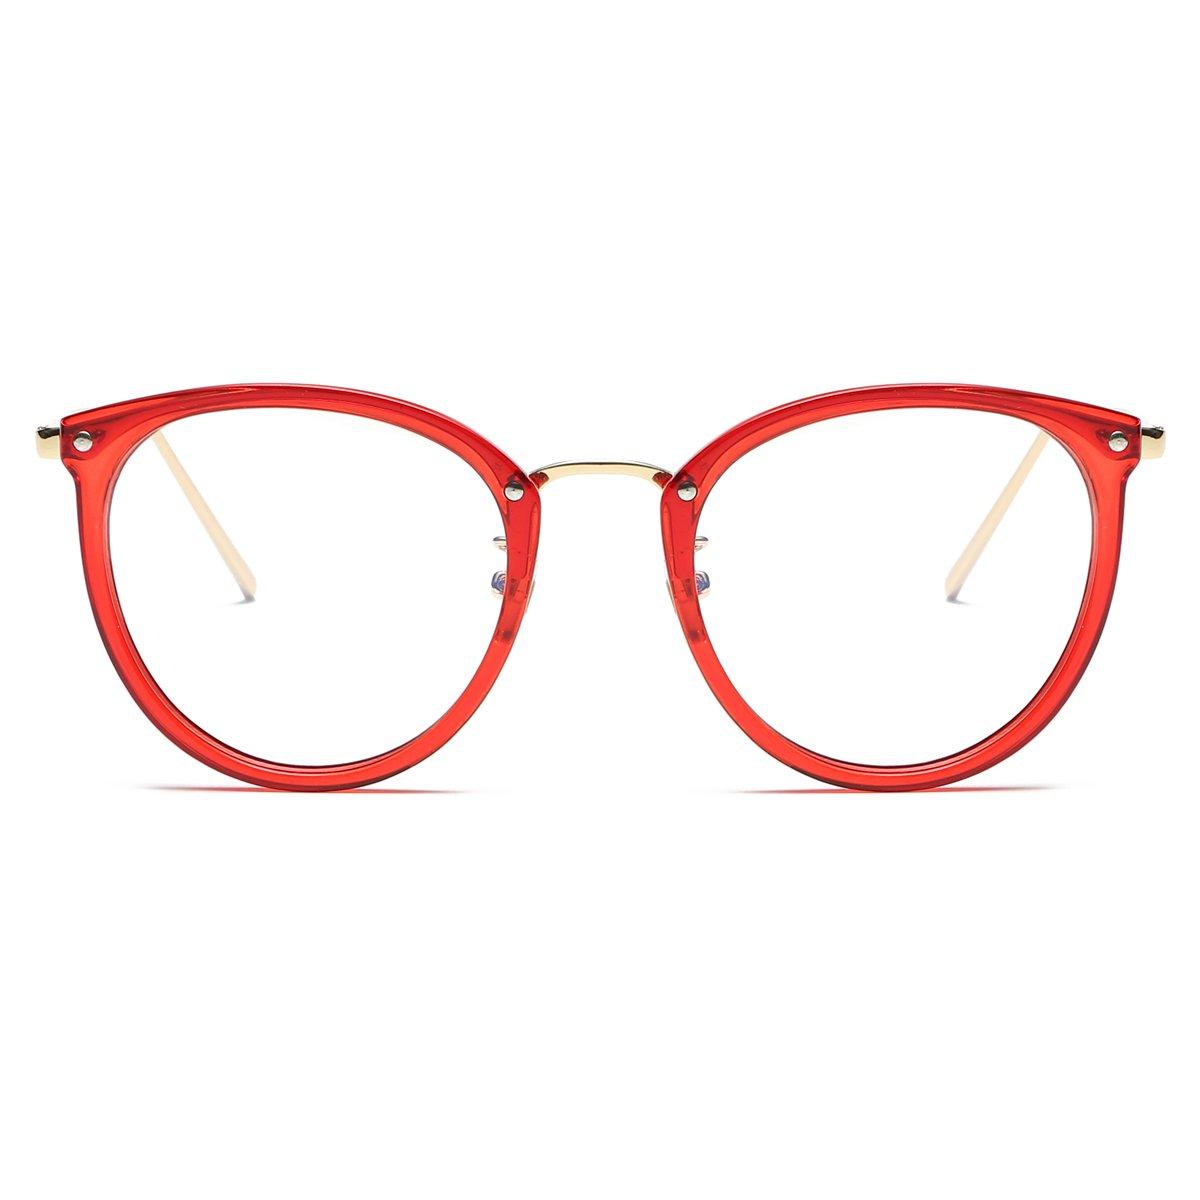 Amomoma Fashion Round Eyewear Frame Eyeglasses Optical Frame Clear Lens Glasses AM5001 50)